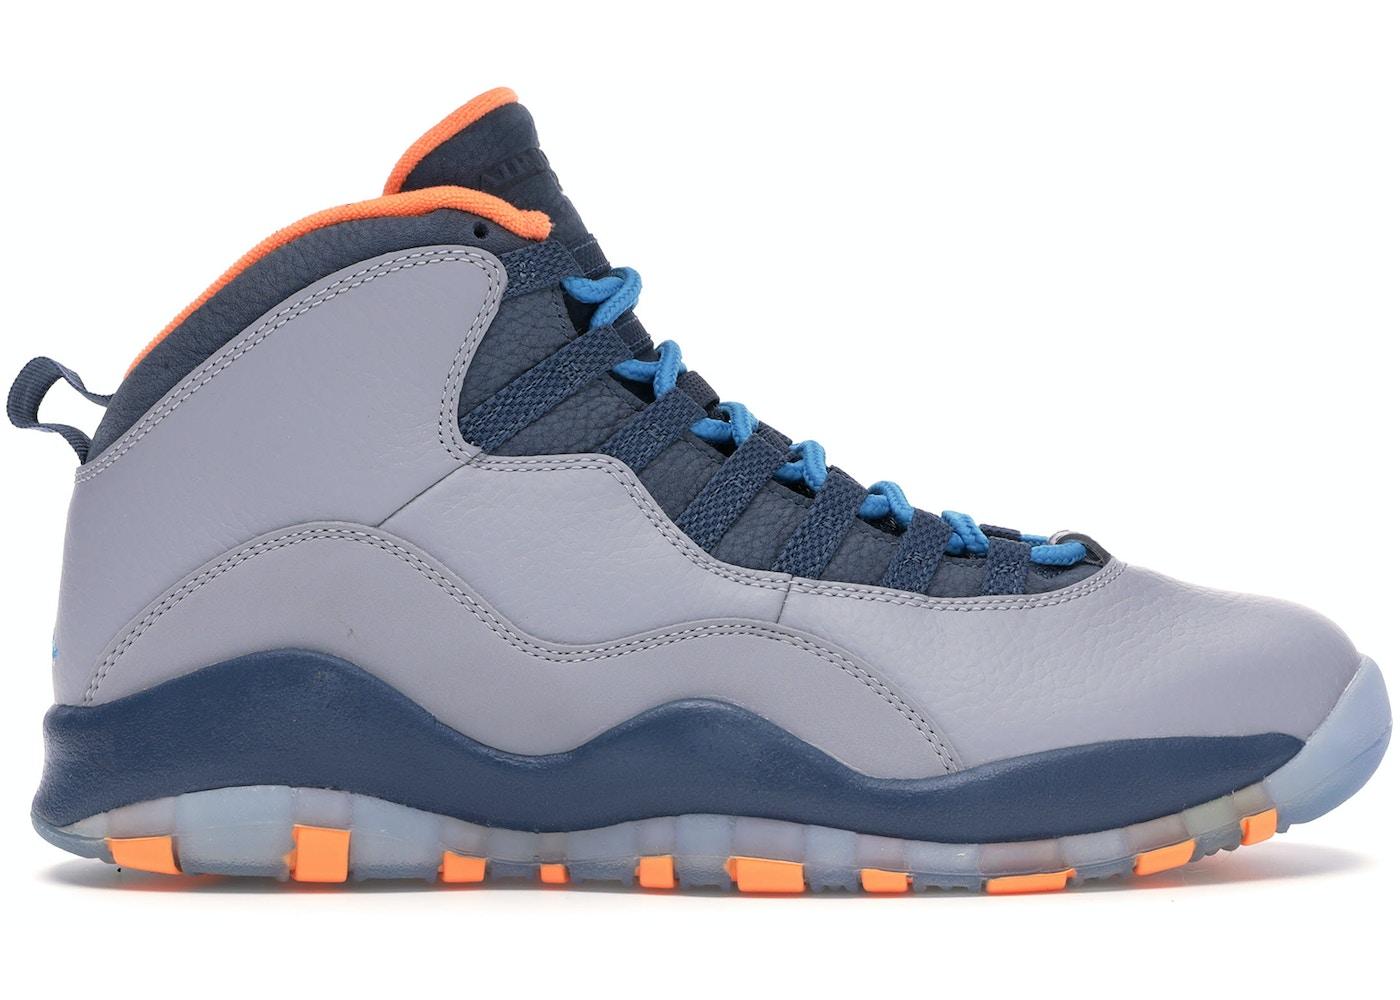 sports shoes bd7d5 3cbd2 Jordan 10 Retro Bobcats